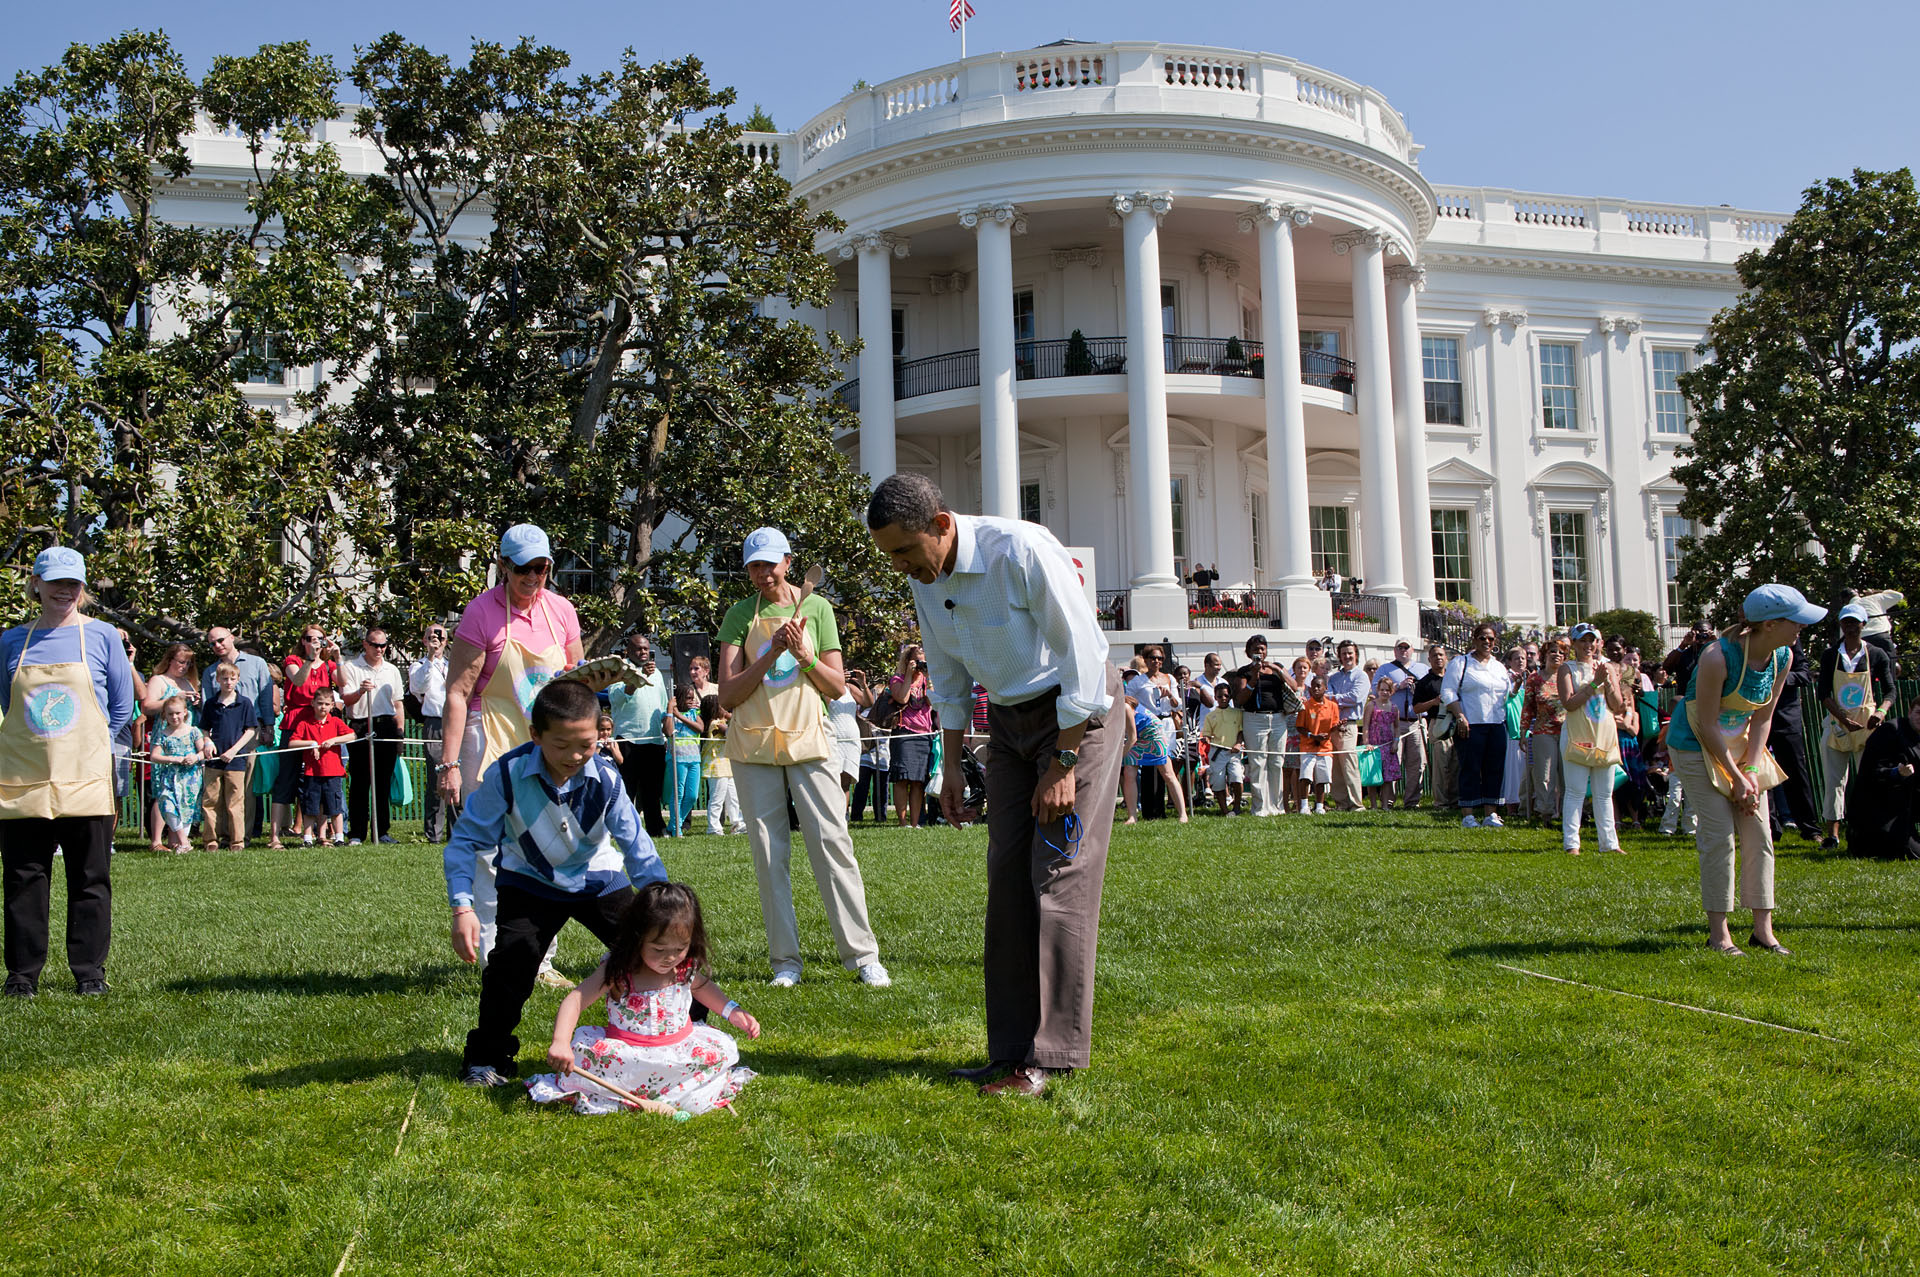 Nos Estados Unidos é comum no período da Páscoa promover caçadas para entreter as crianças